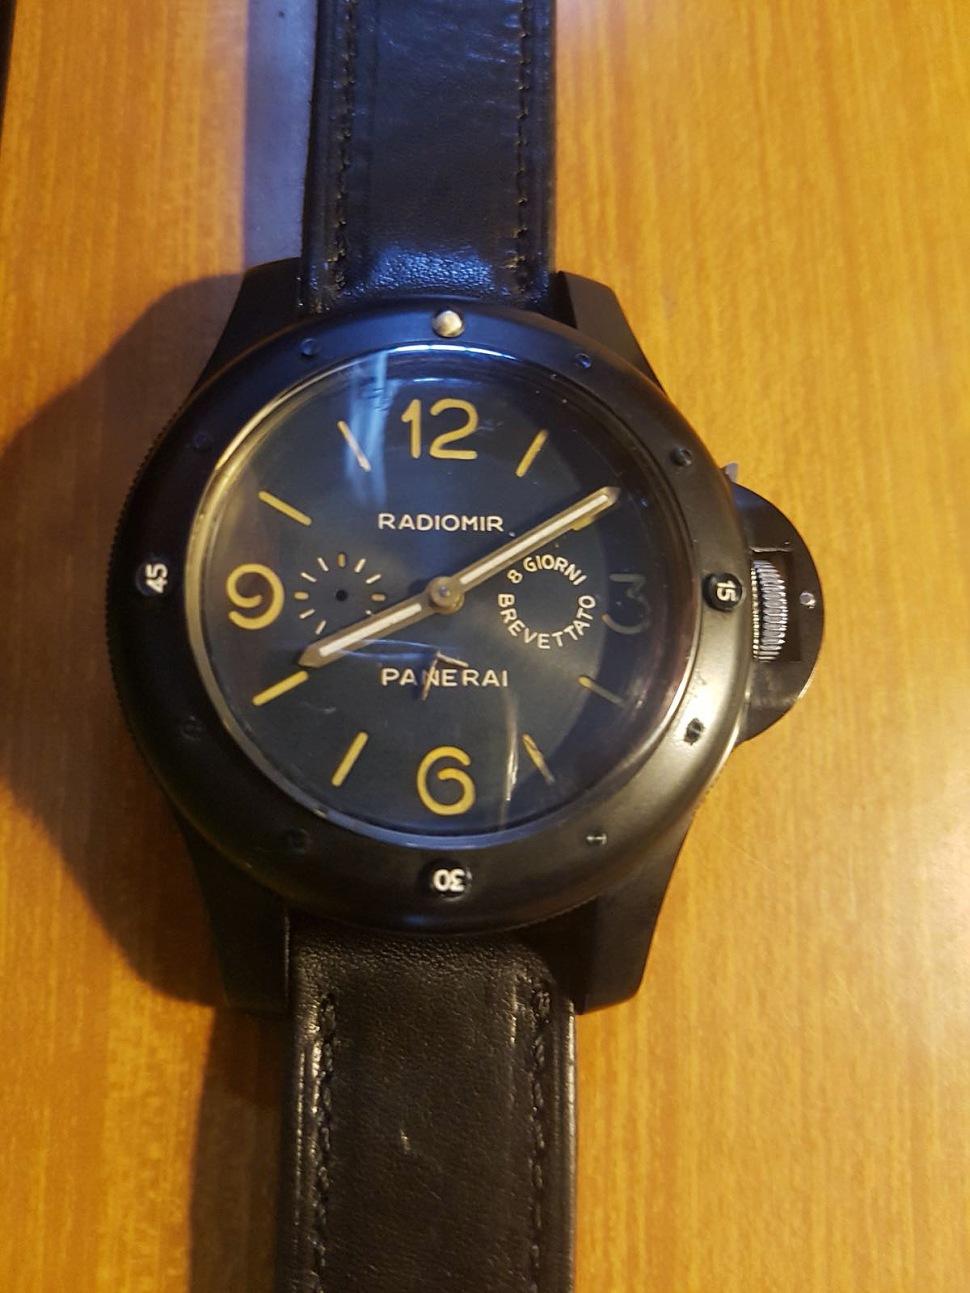 180814-panerai-gpf-2-56-black-aluminium-email-luca-lombardi